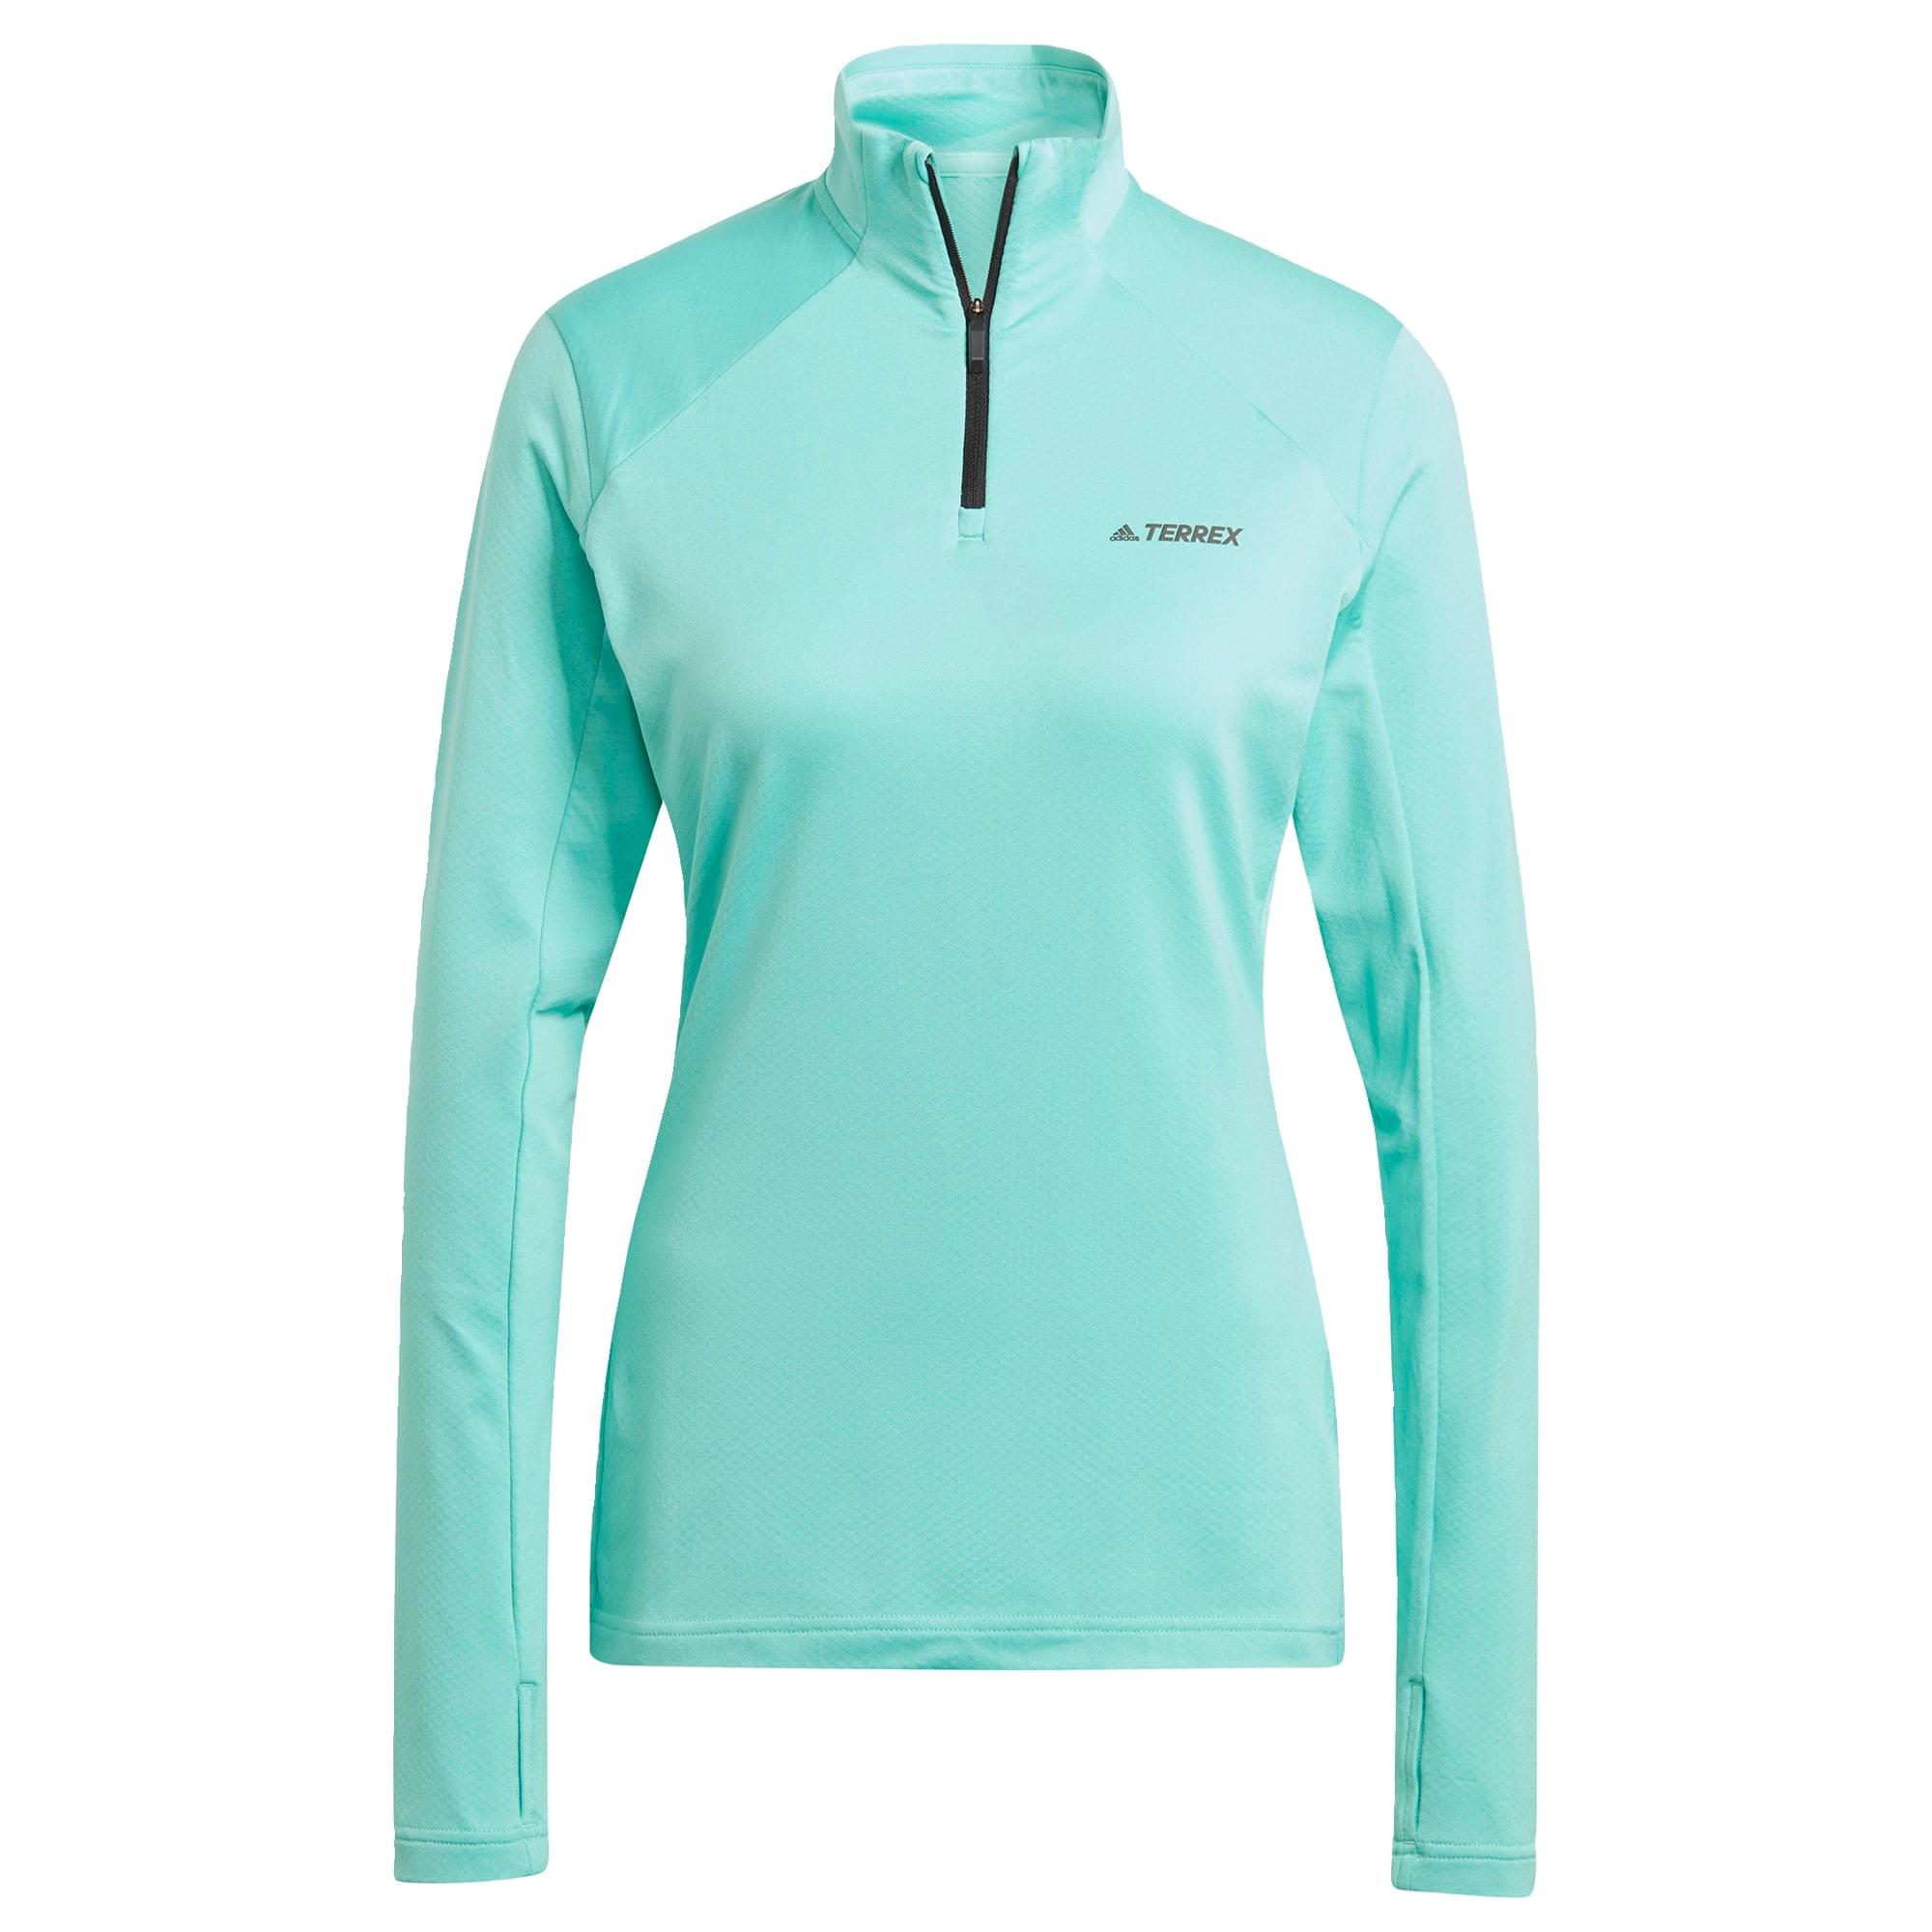 ADIDAS PERFORMANCE Sportiniai marškinėliai nefrito spalva